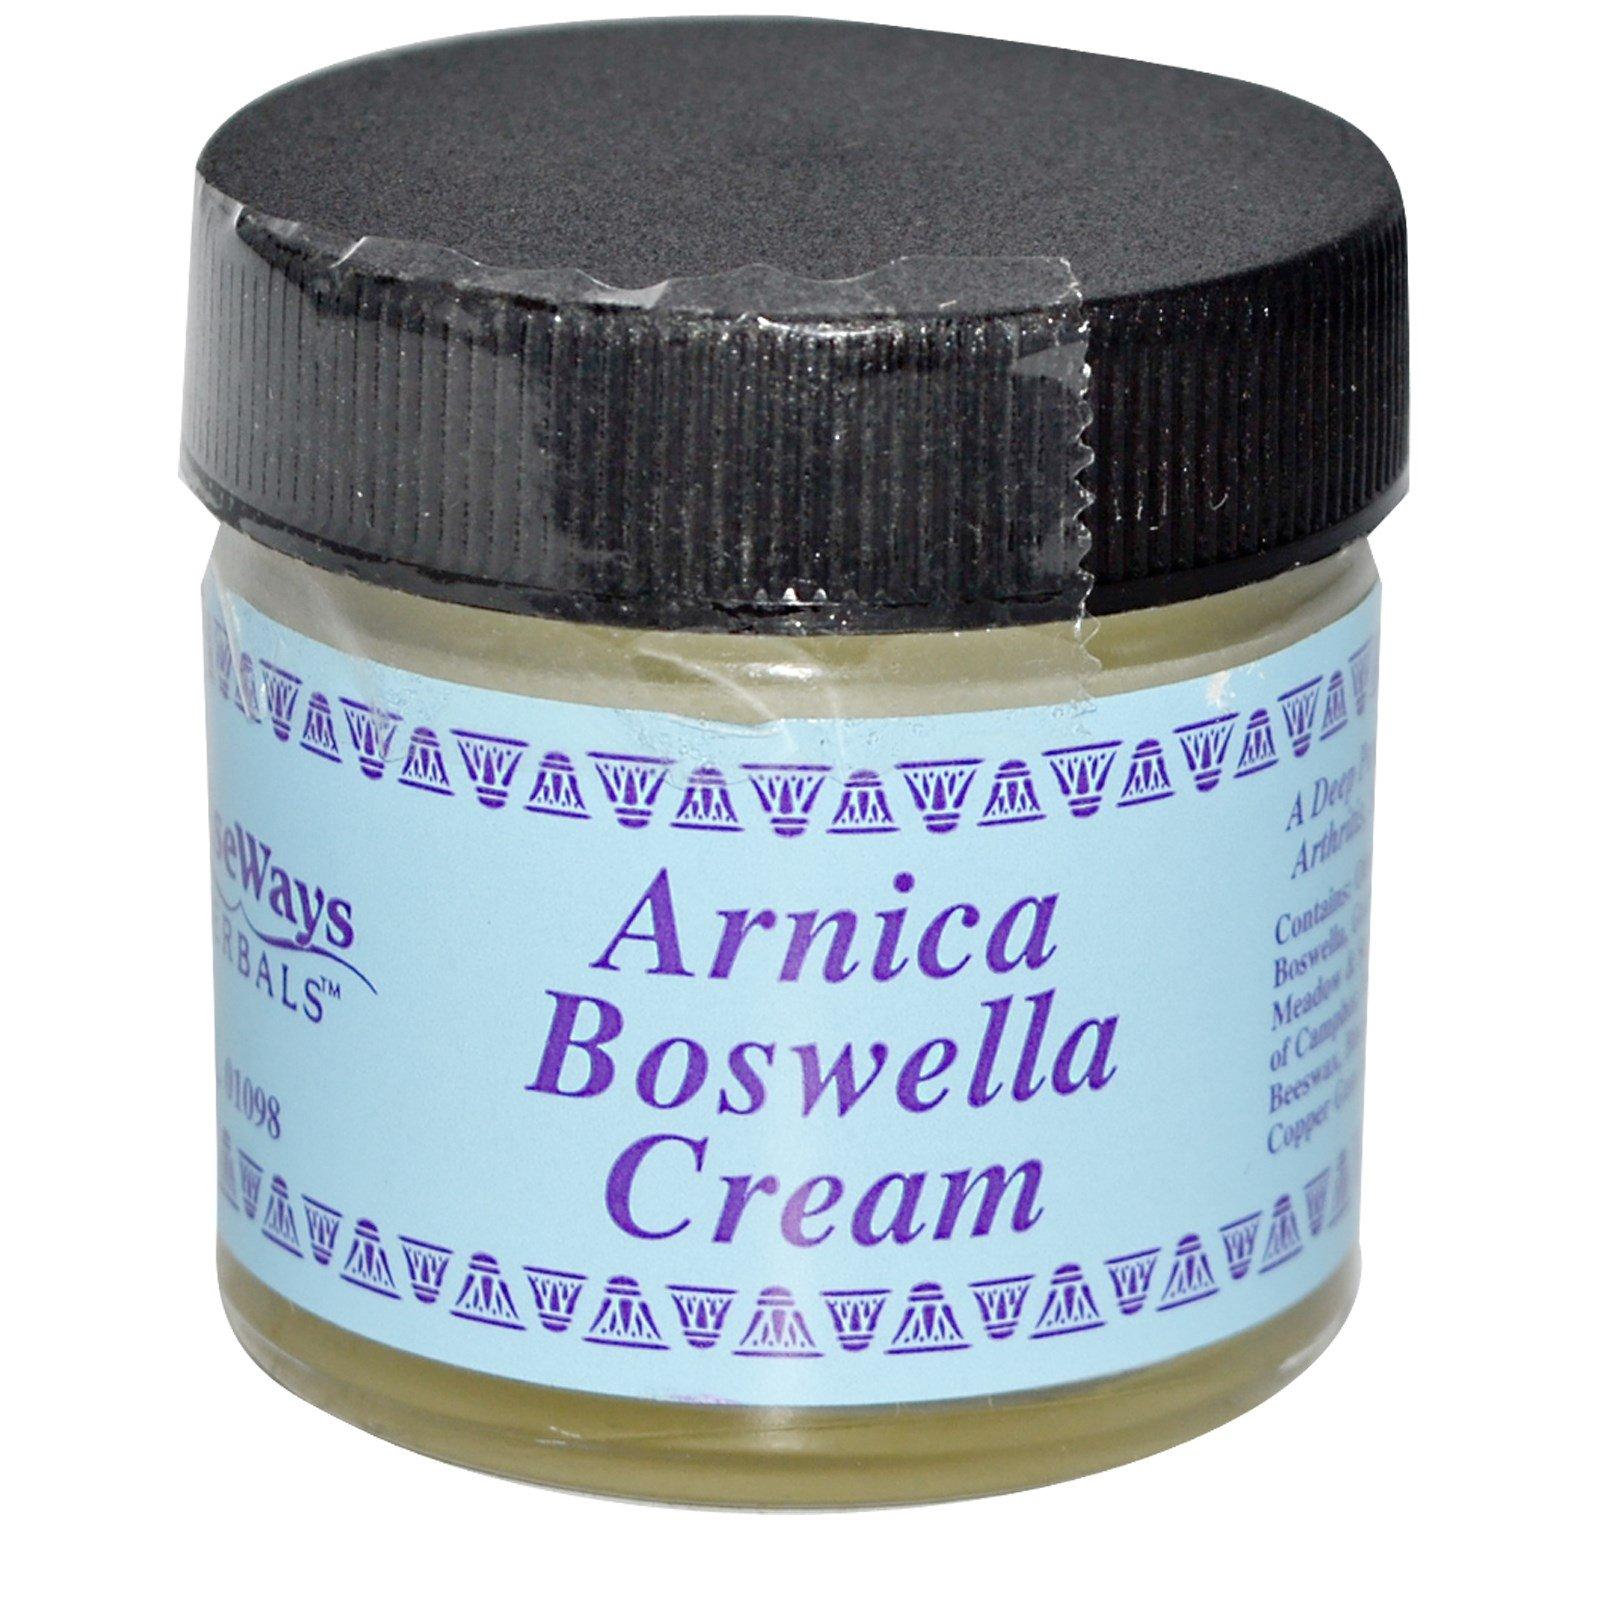 WiseWays Herbals, LLC, Крем с арникой и босвеллией, 1 унция